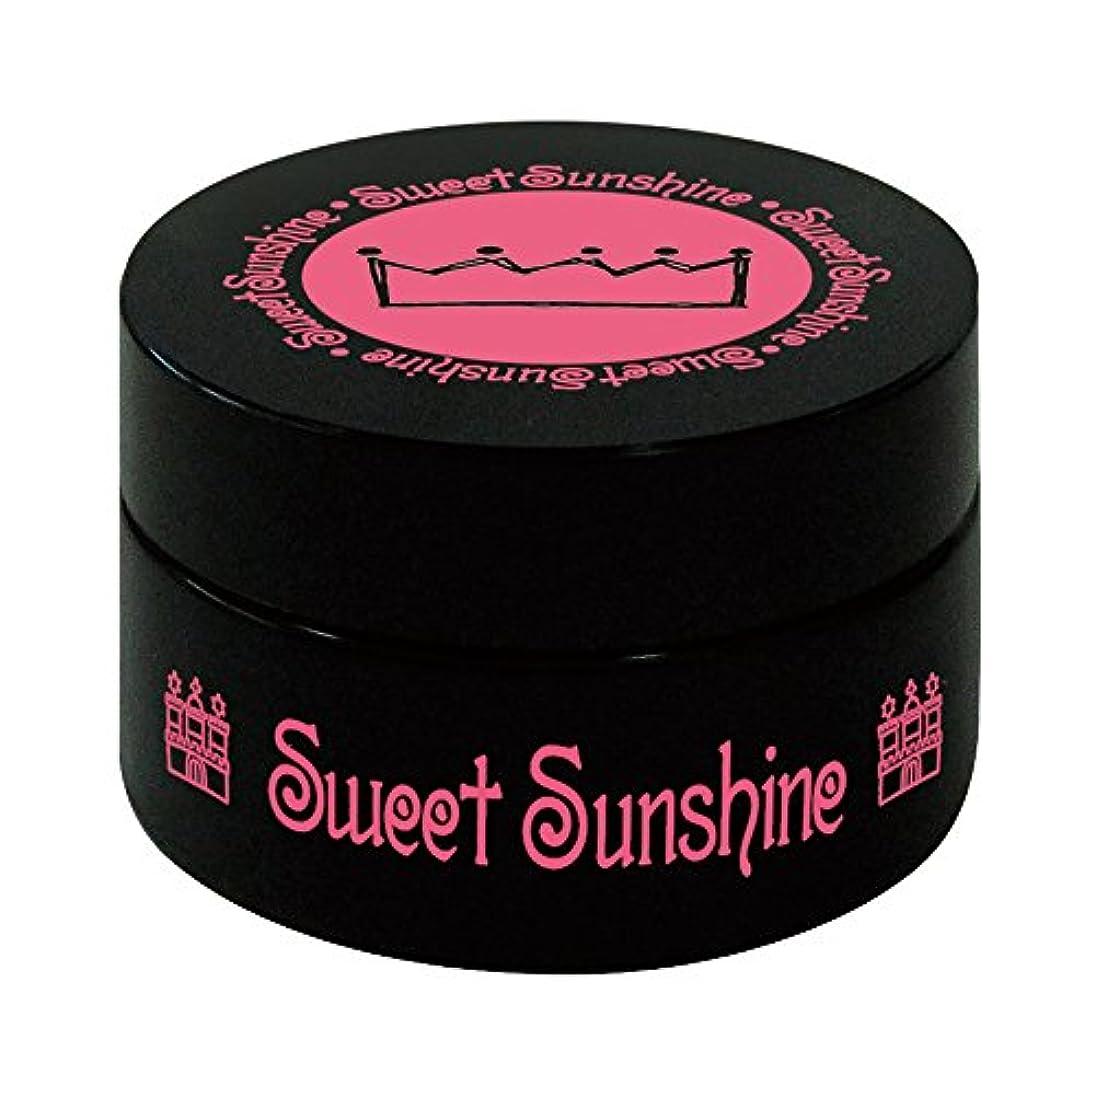 増加する属するブロッサム最速硬化LED対応 Sweet Sunshine スィート サンシャイン カラージェル SC-10 4g サマーパステルオレンジ